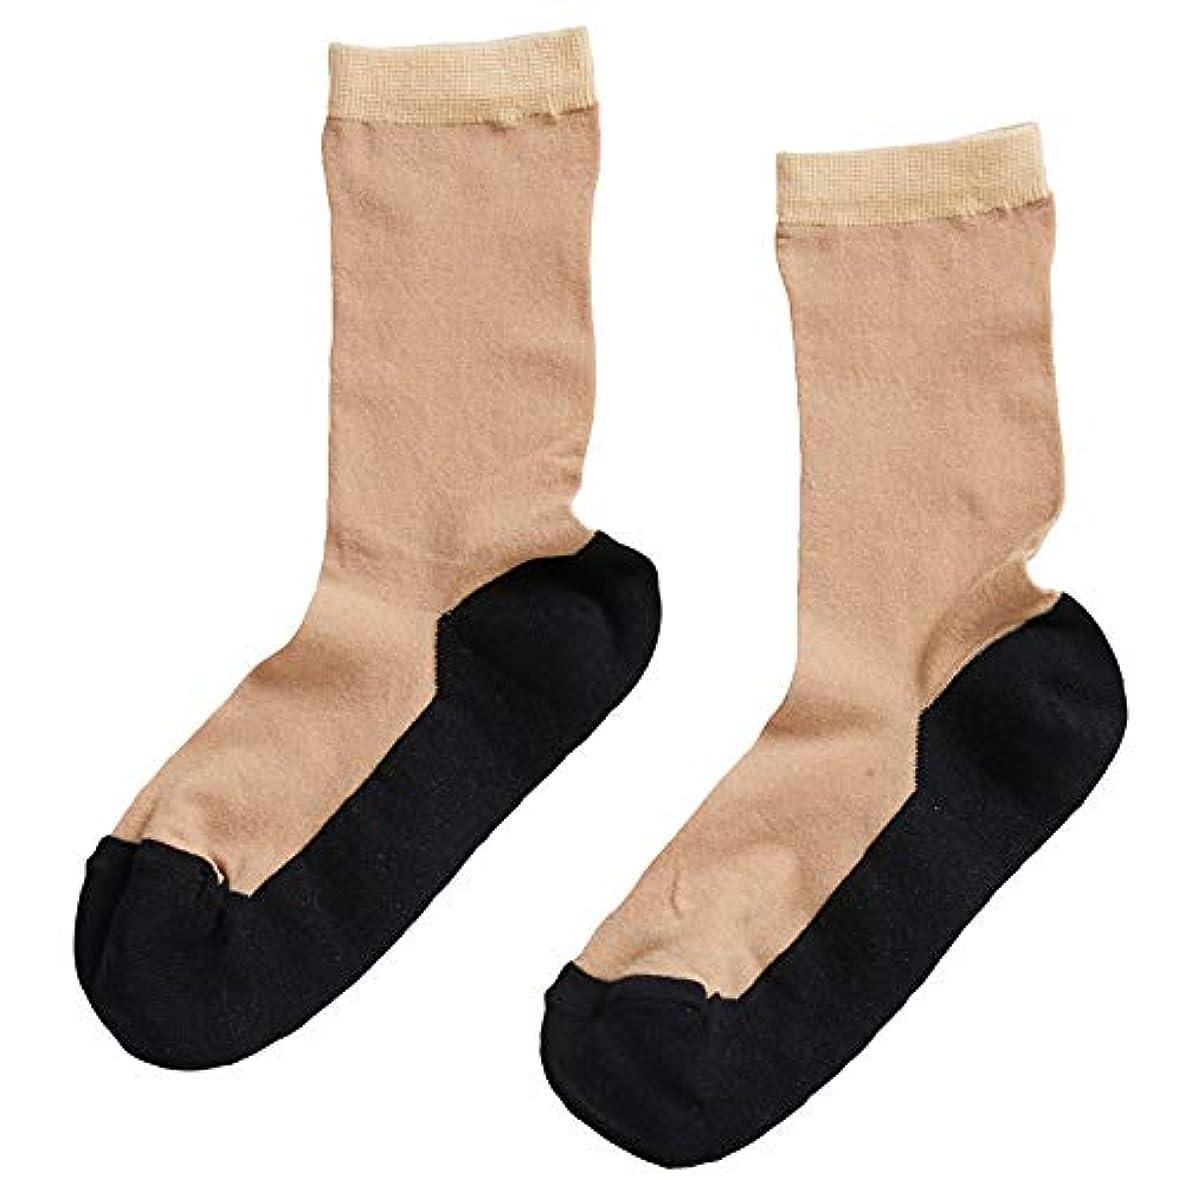 導出他に教育学ストッキングソックス ショートストッキング風 靴下 9457◆2足セット ブラック